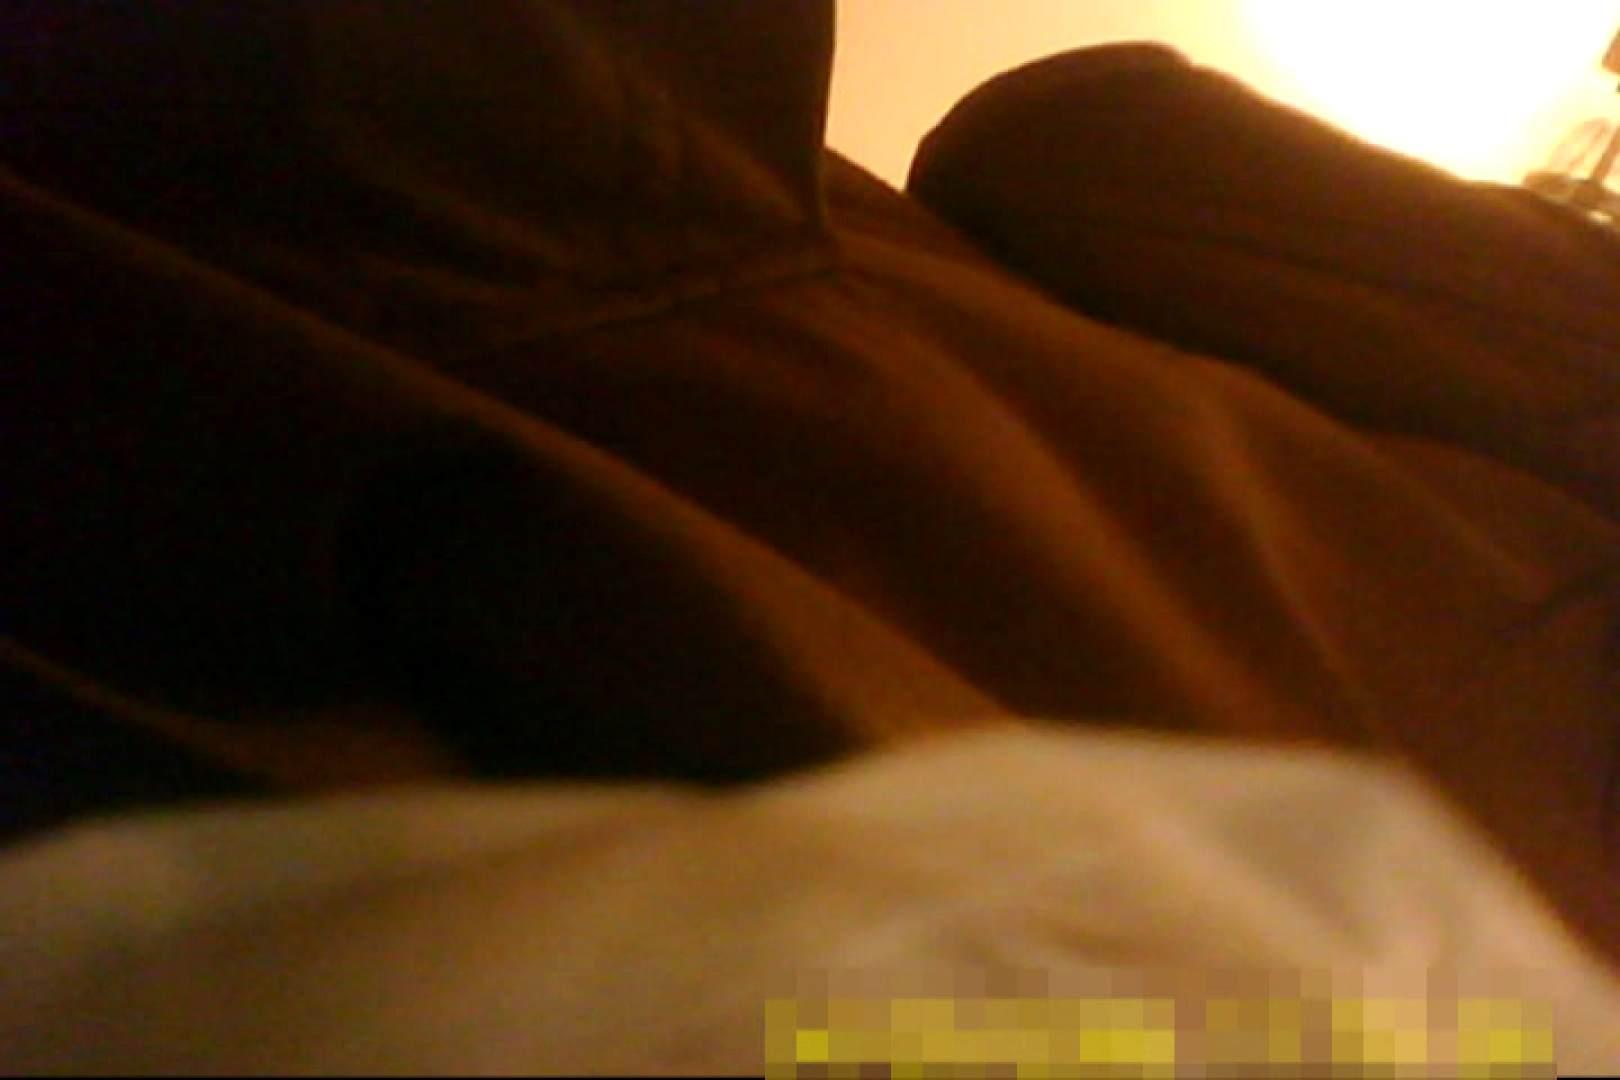 魅惑の化粧室~禁断のプライベート空間~vol.8 美しいOLの裸体 覗きおまんこ画像 91pic 77